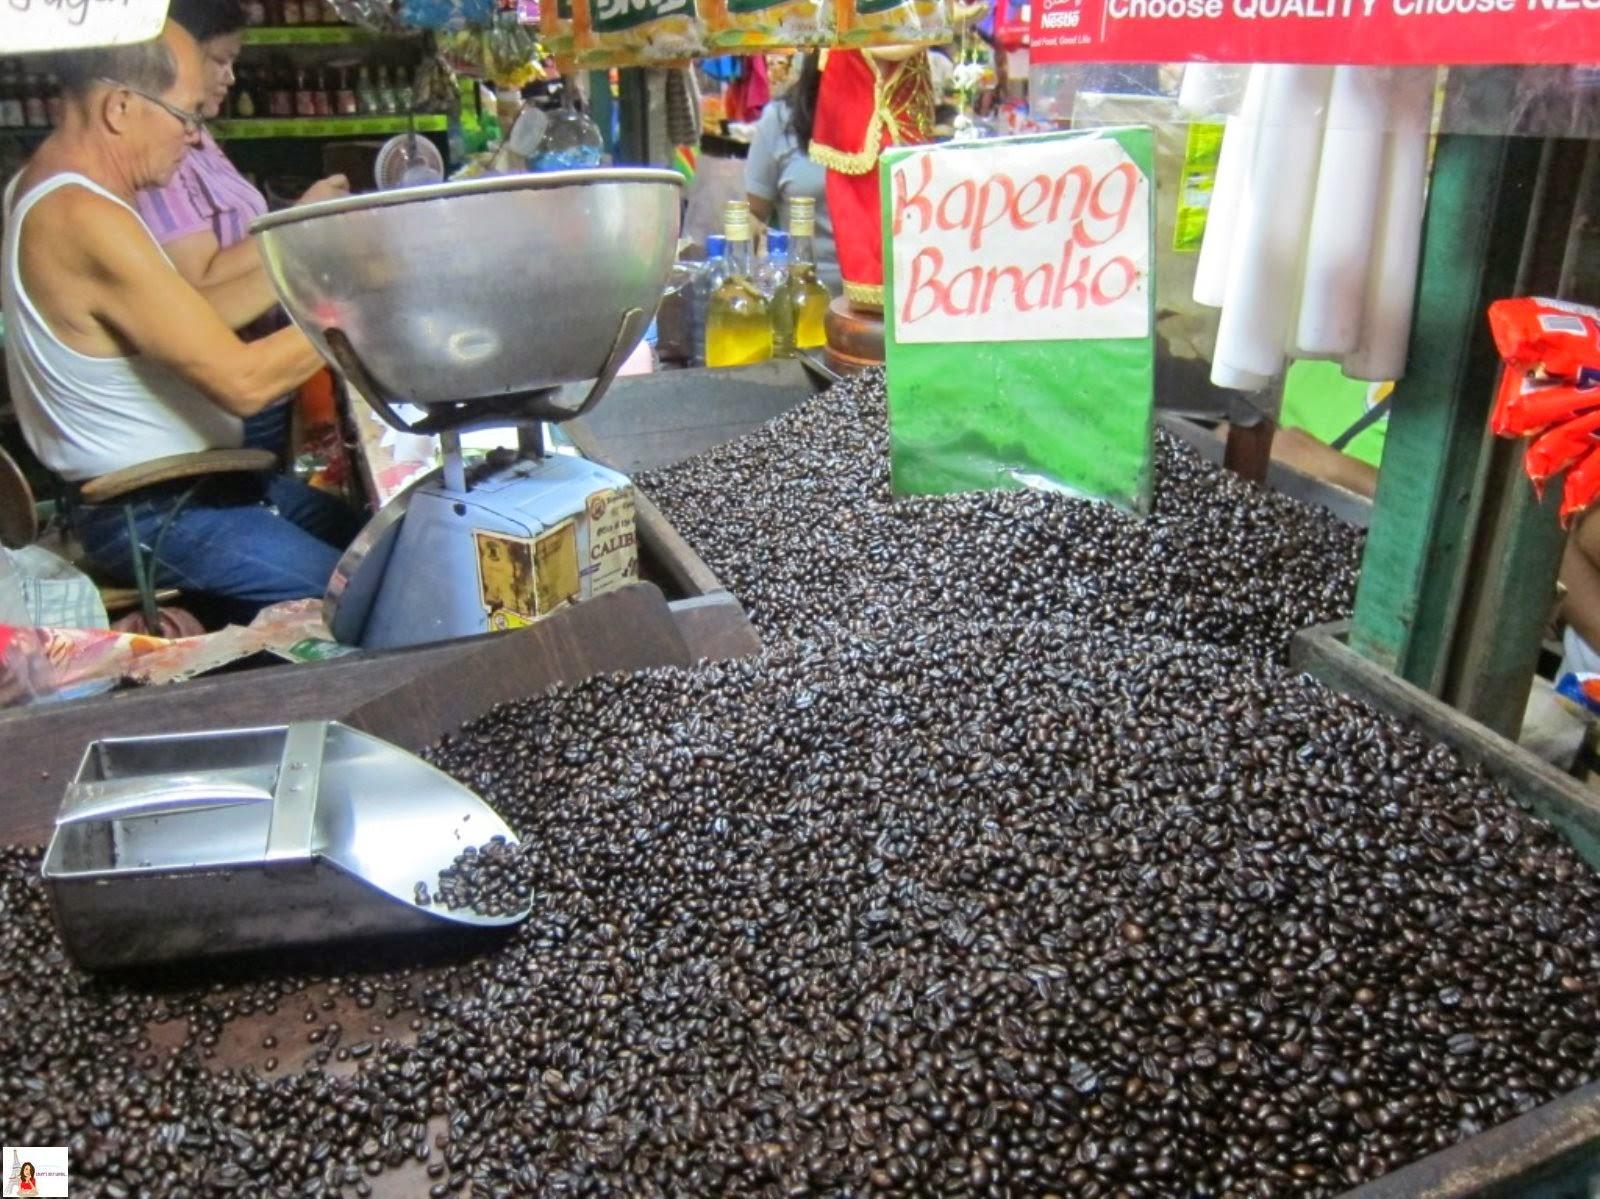 how to prepare kapeng barako